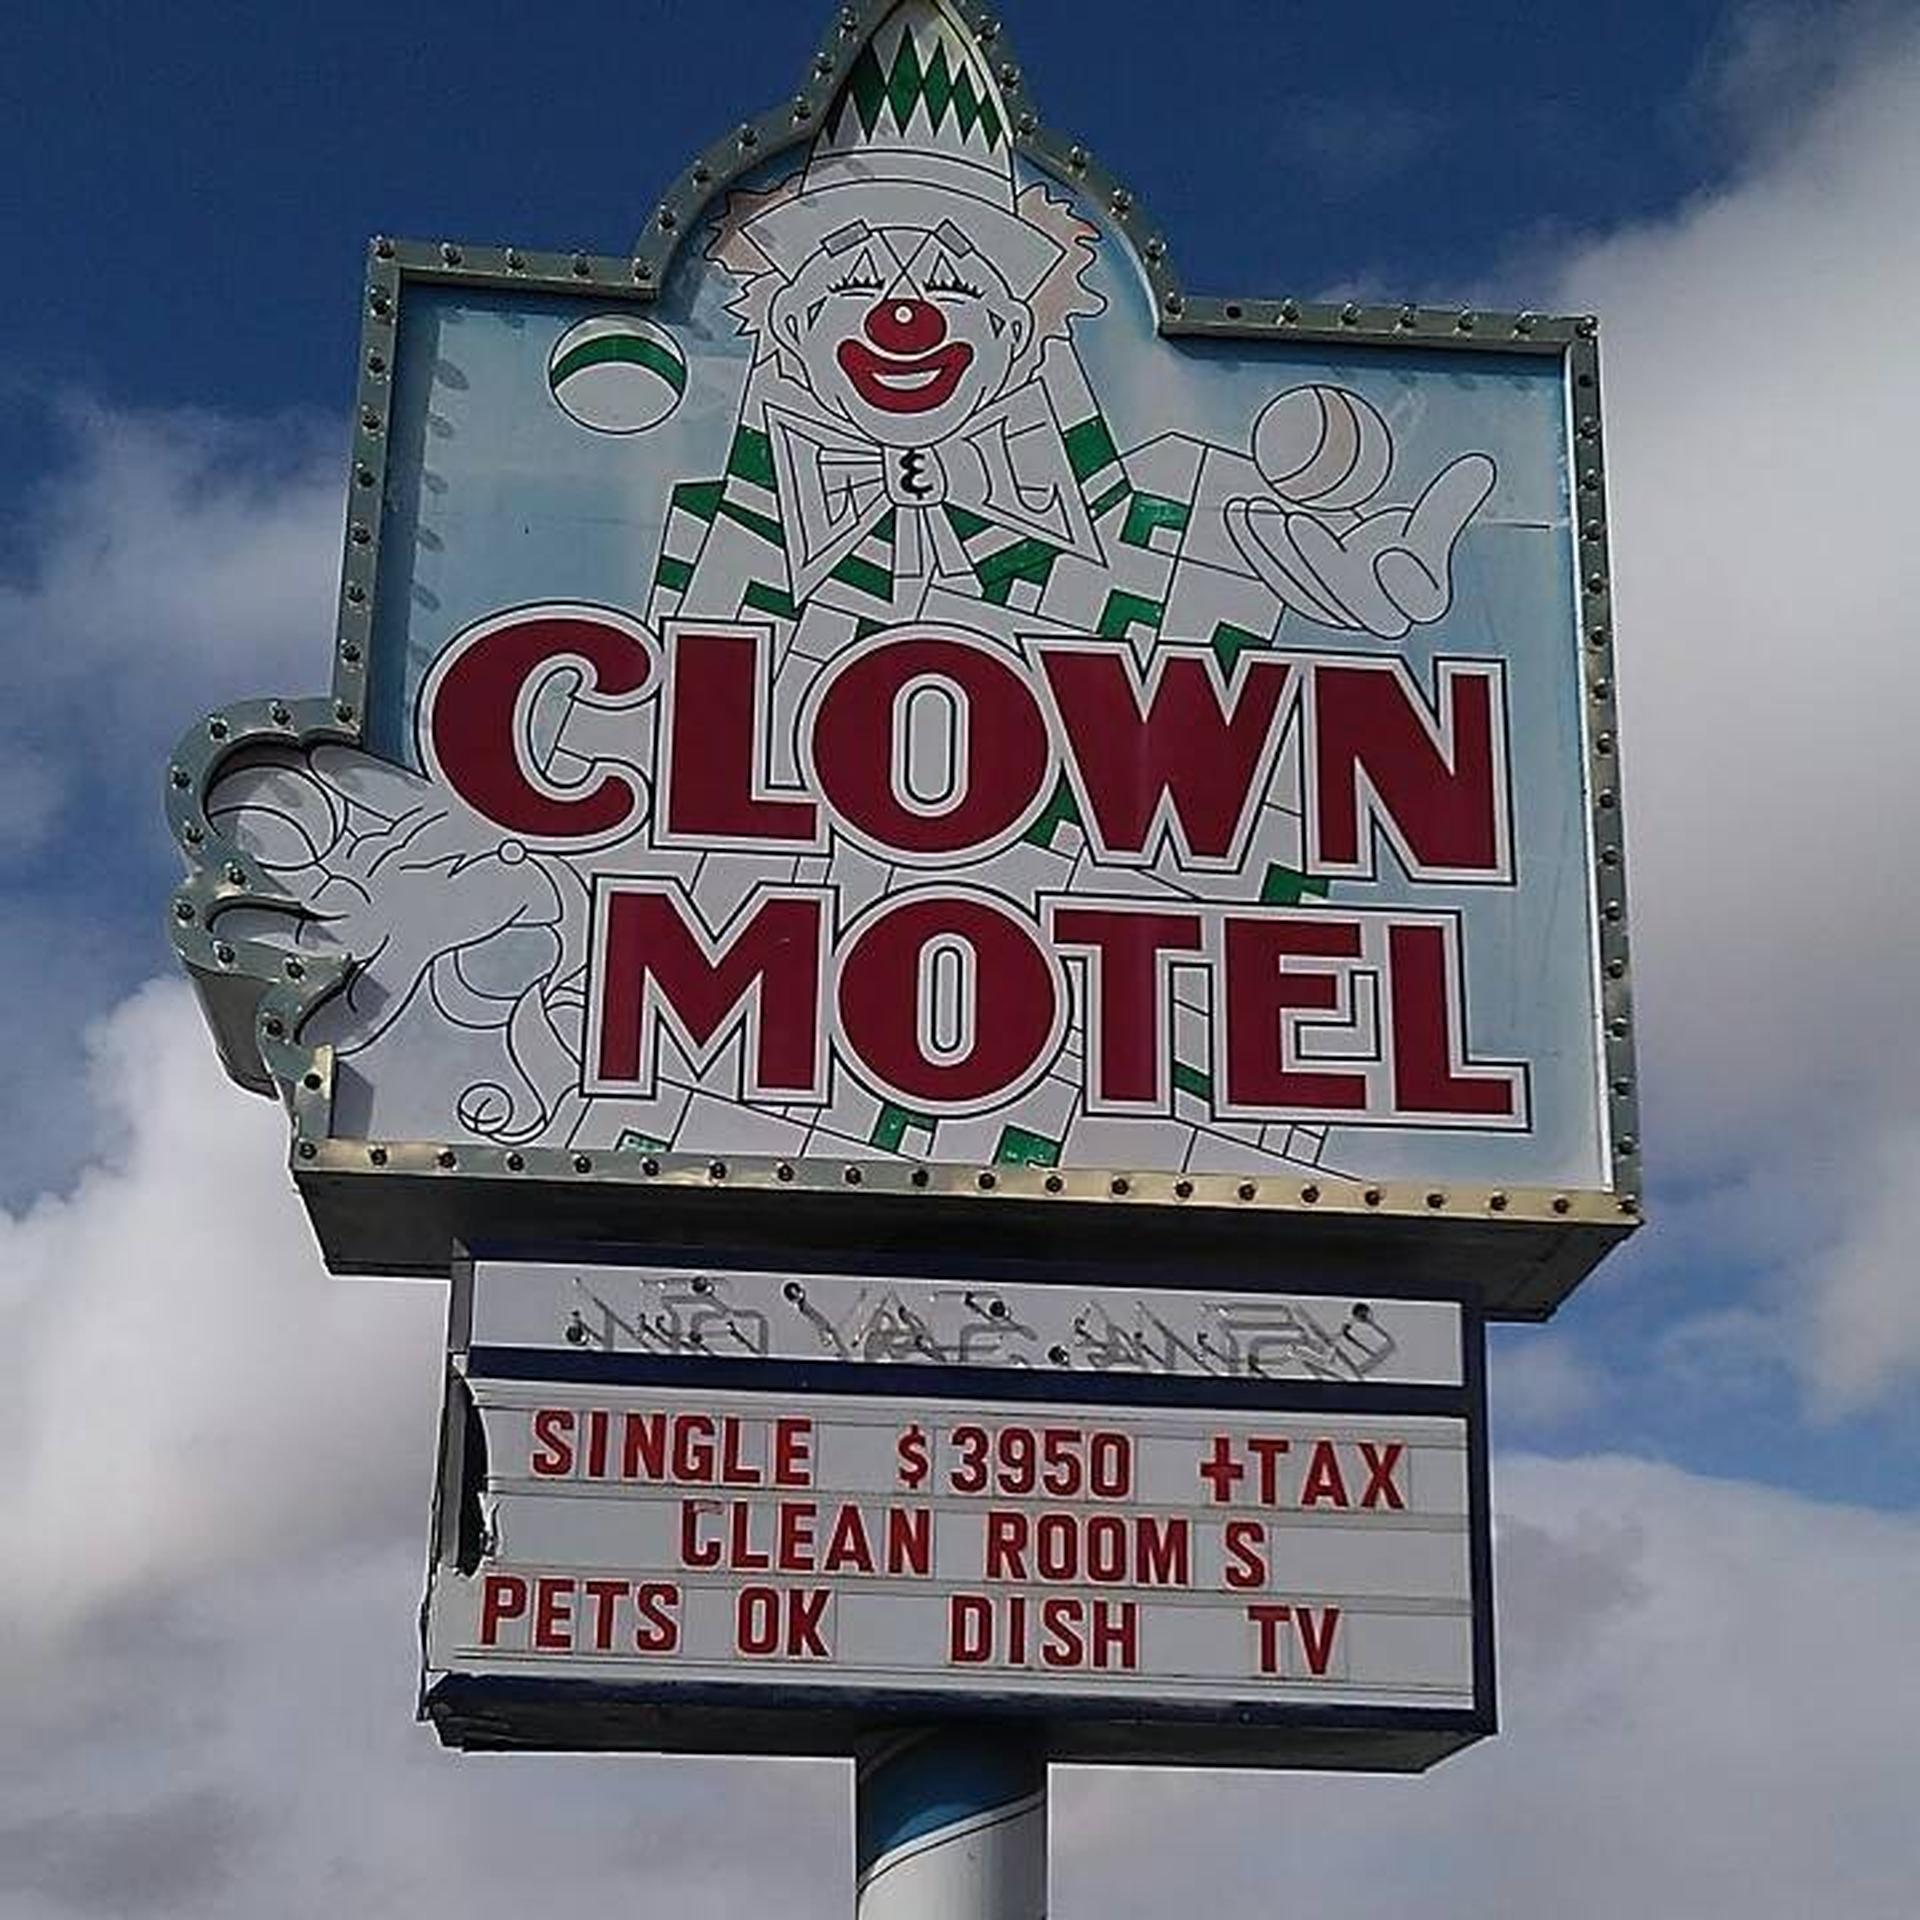 מלון הליצנים בנבדה. צילום מתוך עמוד הפייסבוק